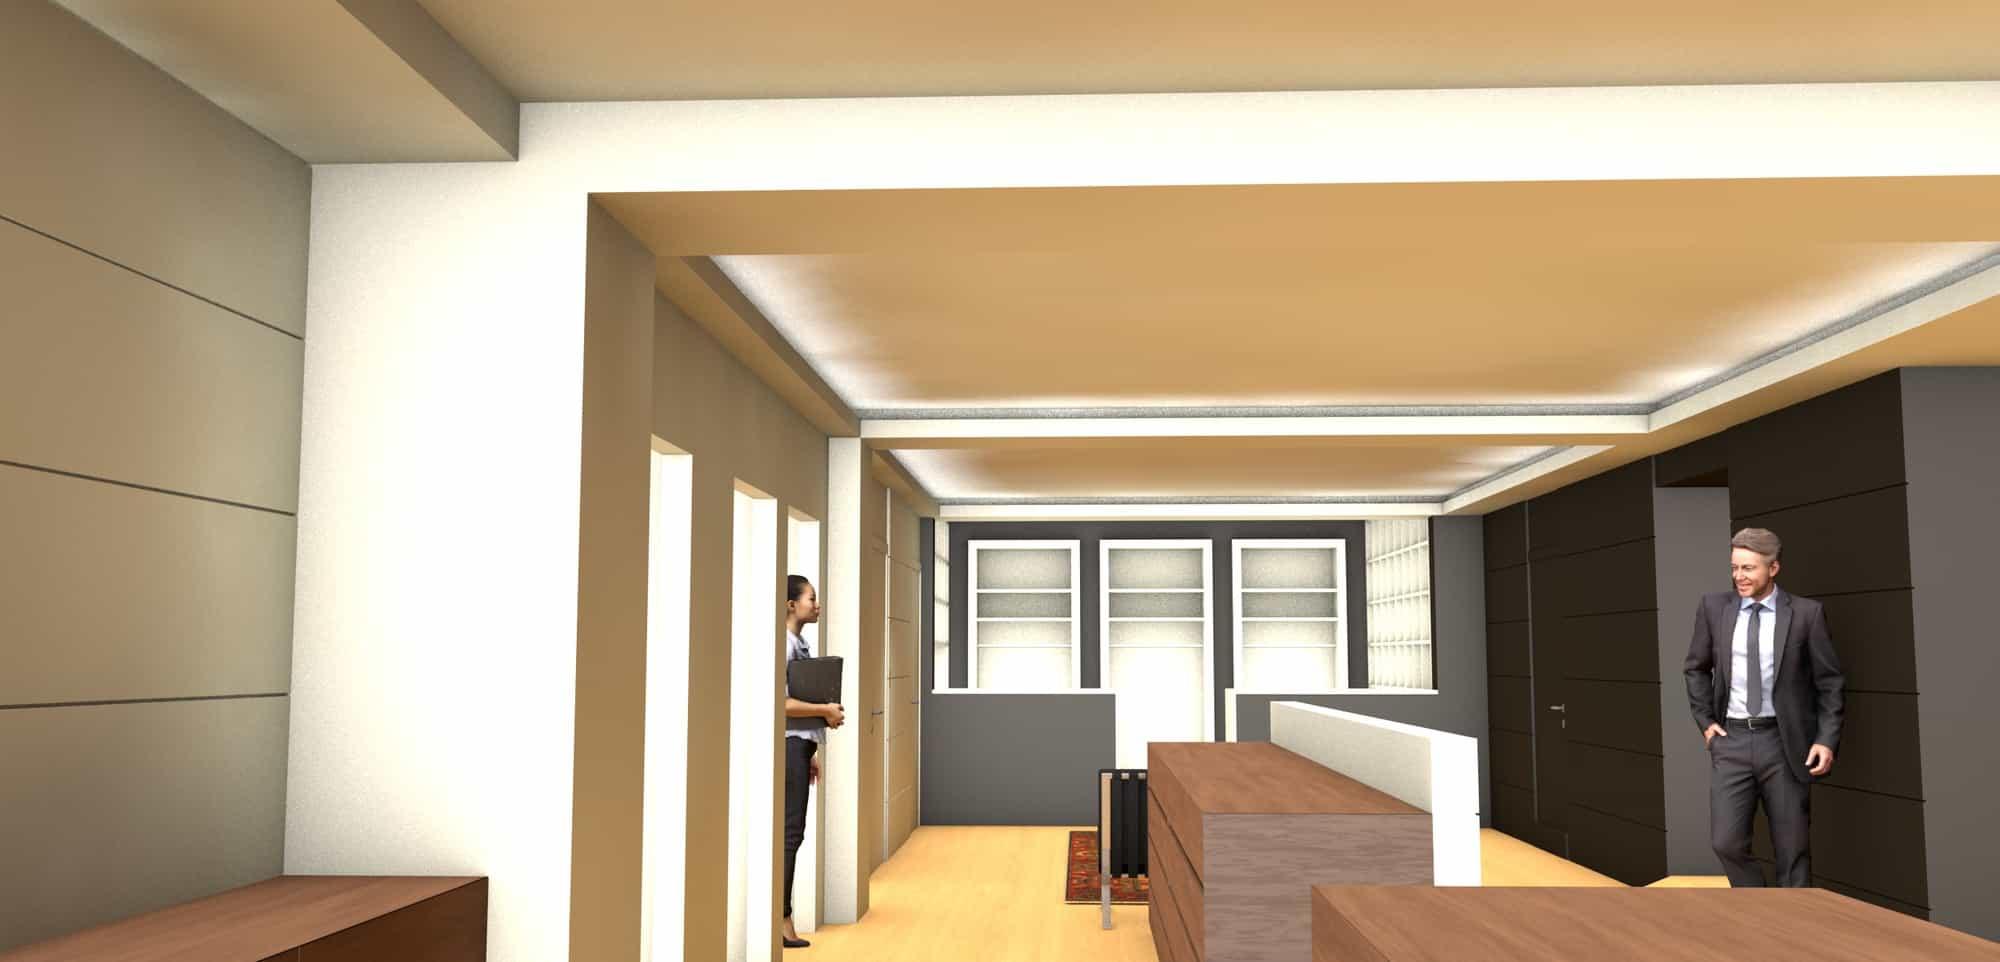 Detail afbeelding 8 van Elegance Lingerie Genk | Ontwerp door architect Patrick Strackx